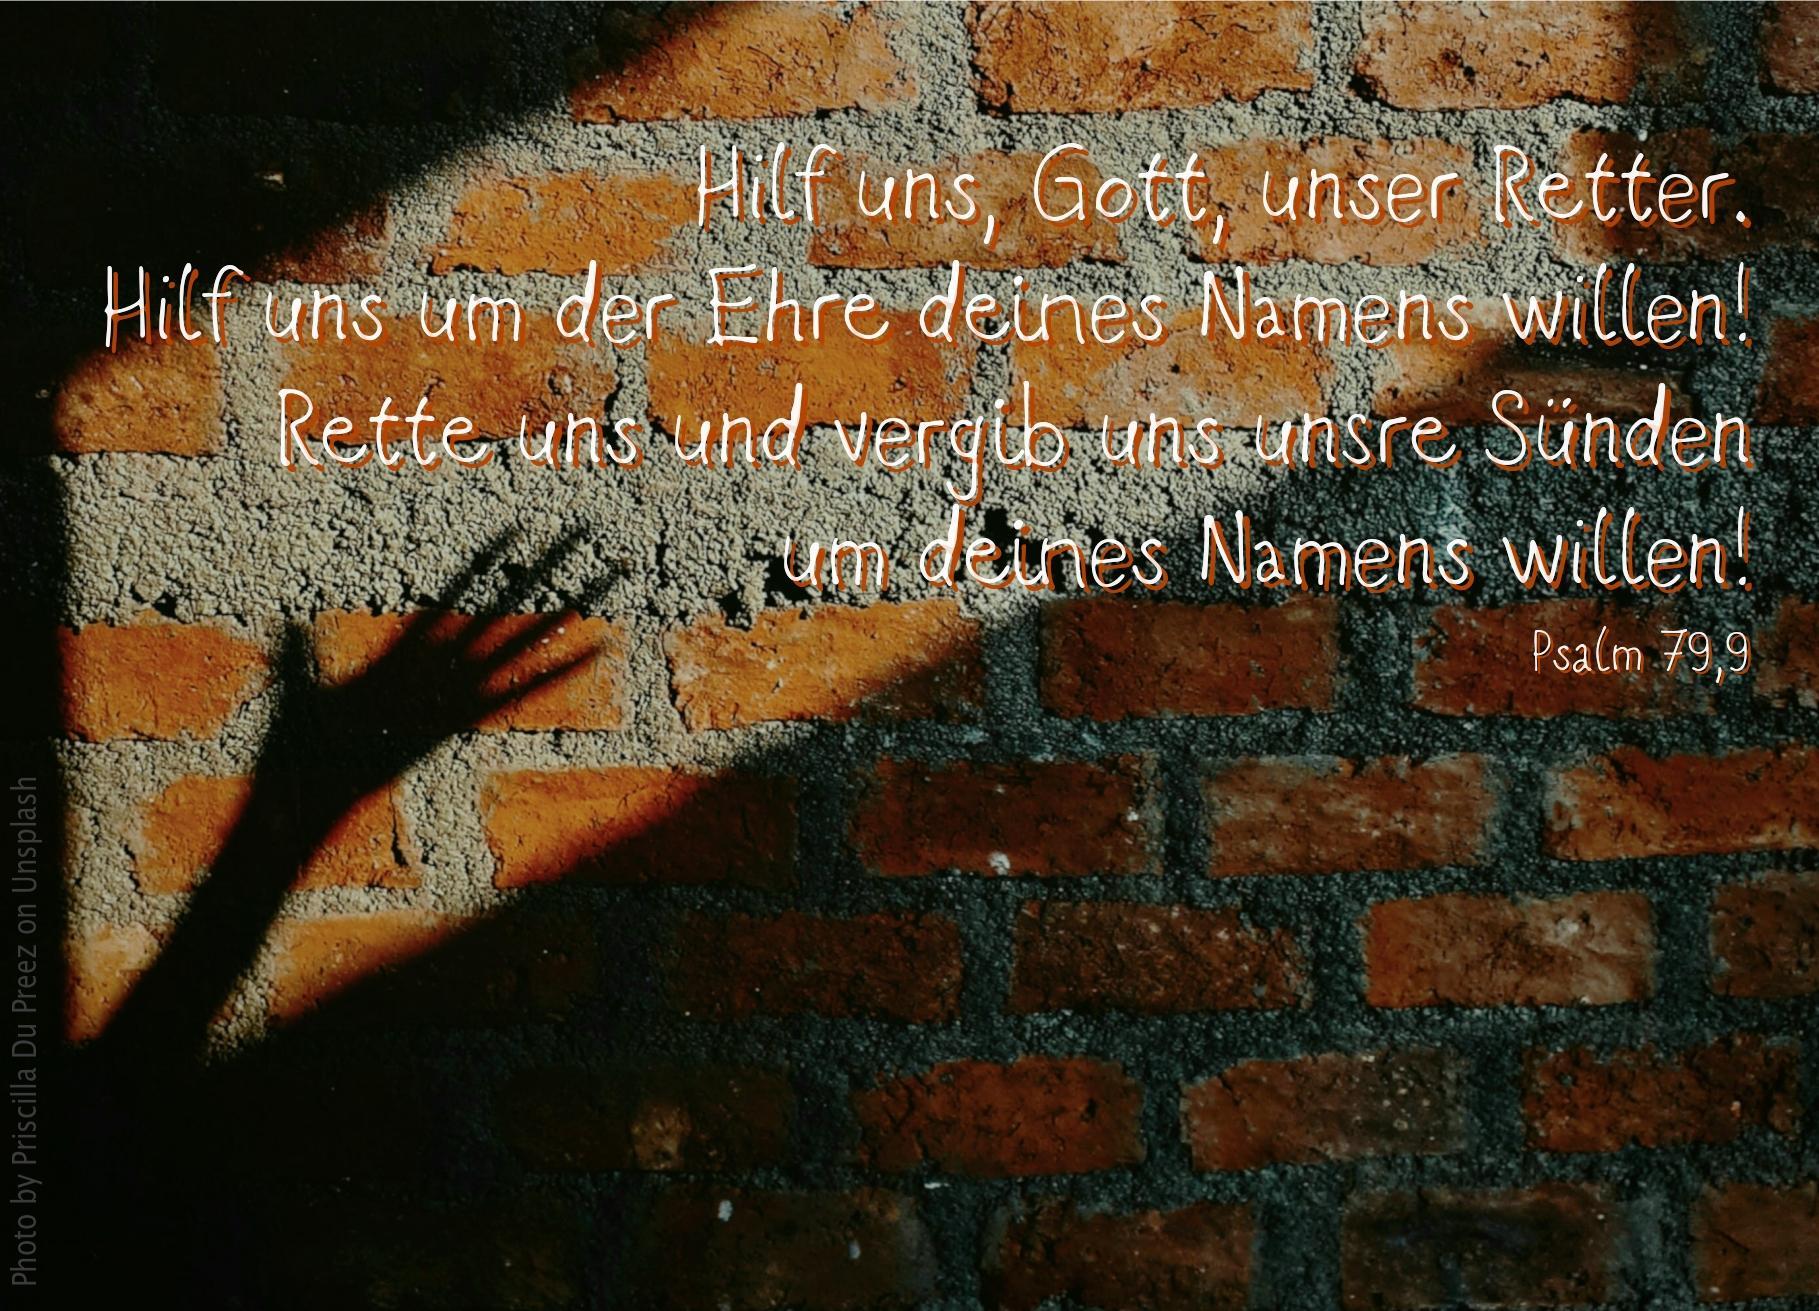 """alt=""""hand_als_schatten_an_einer_steinmauer_erwartet_bibelhoerbuch_warnung_vor_irrlehrern"""""""